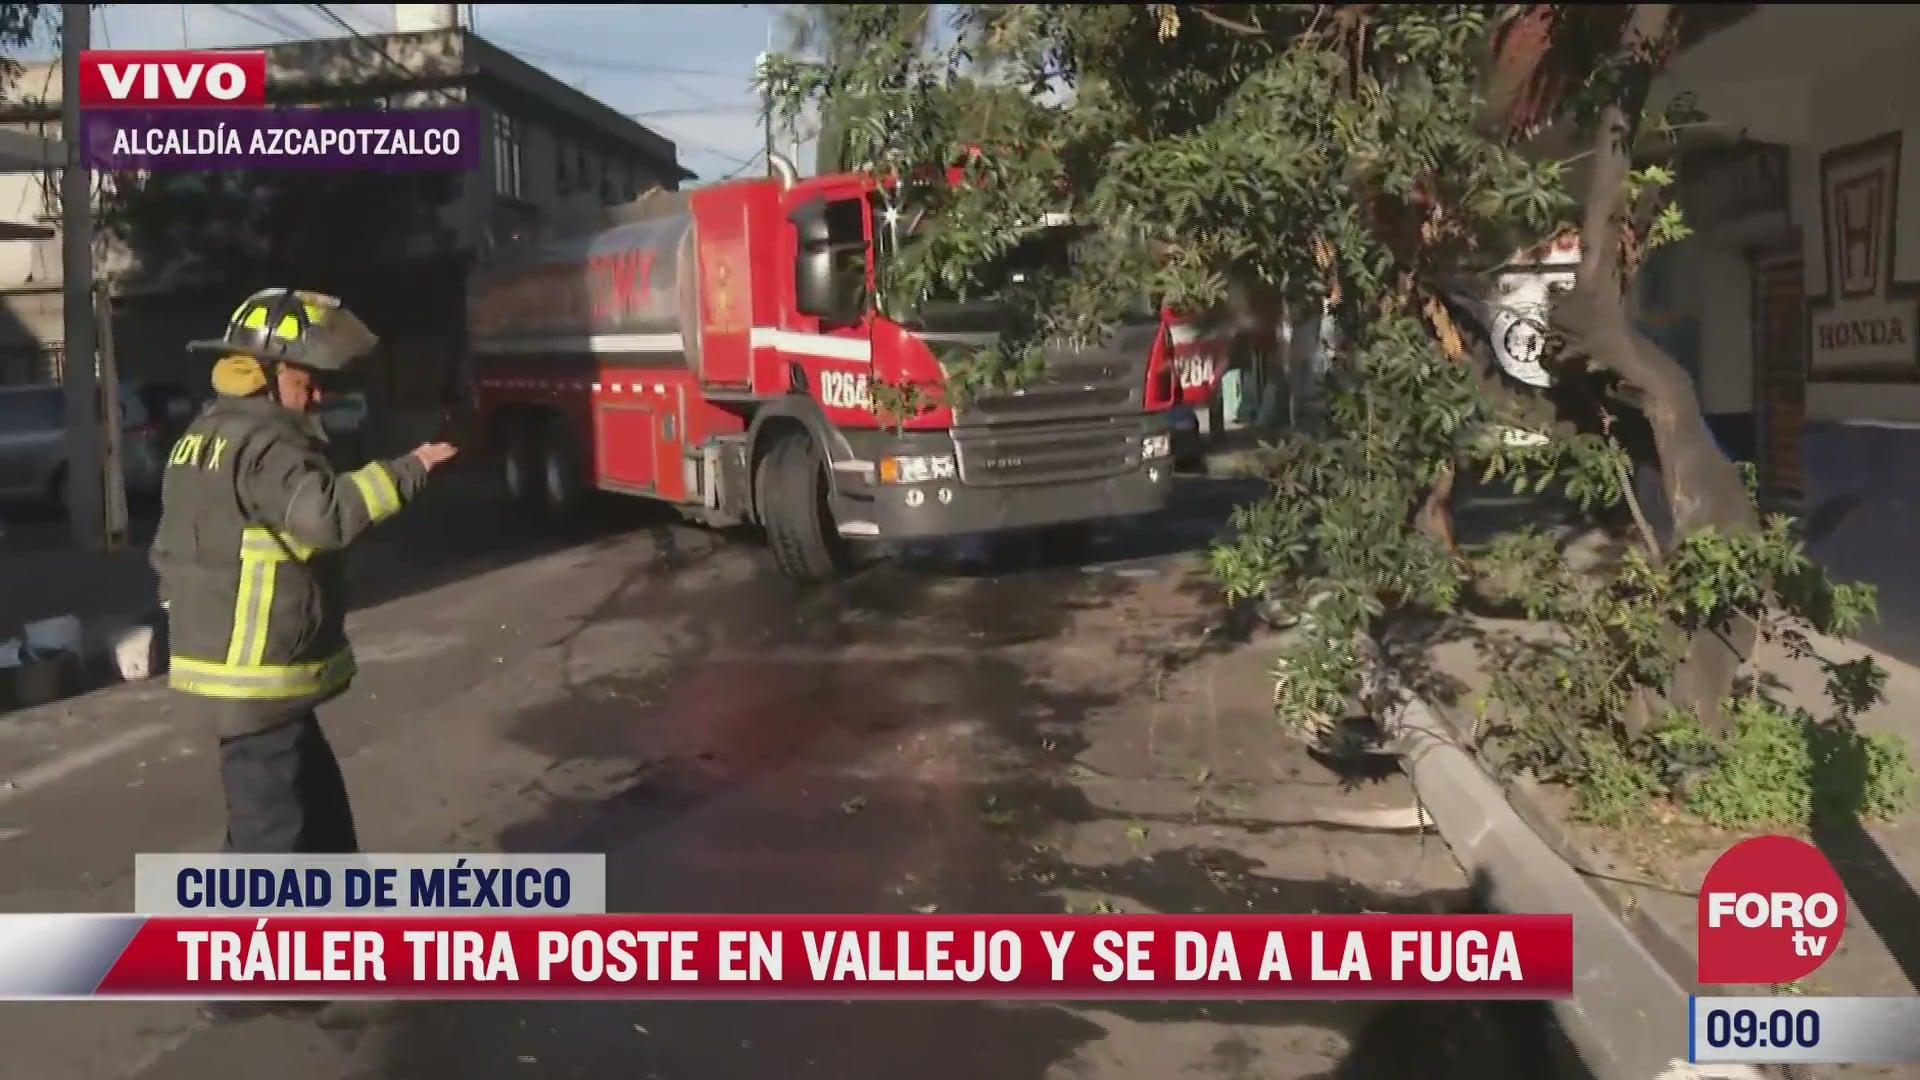 trailer choca contra poste en la alcaldia azcapotzalco en cdmx